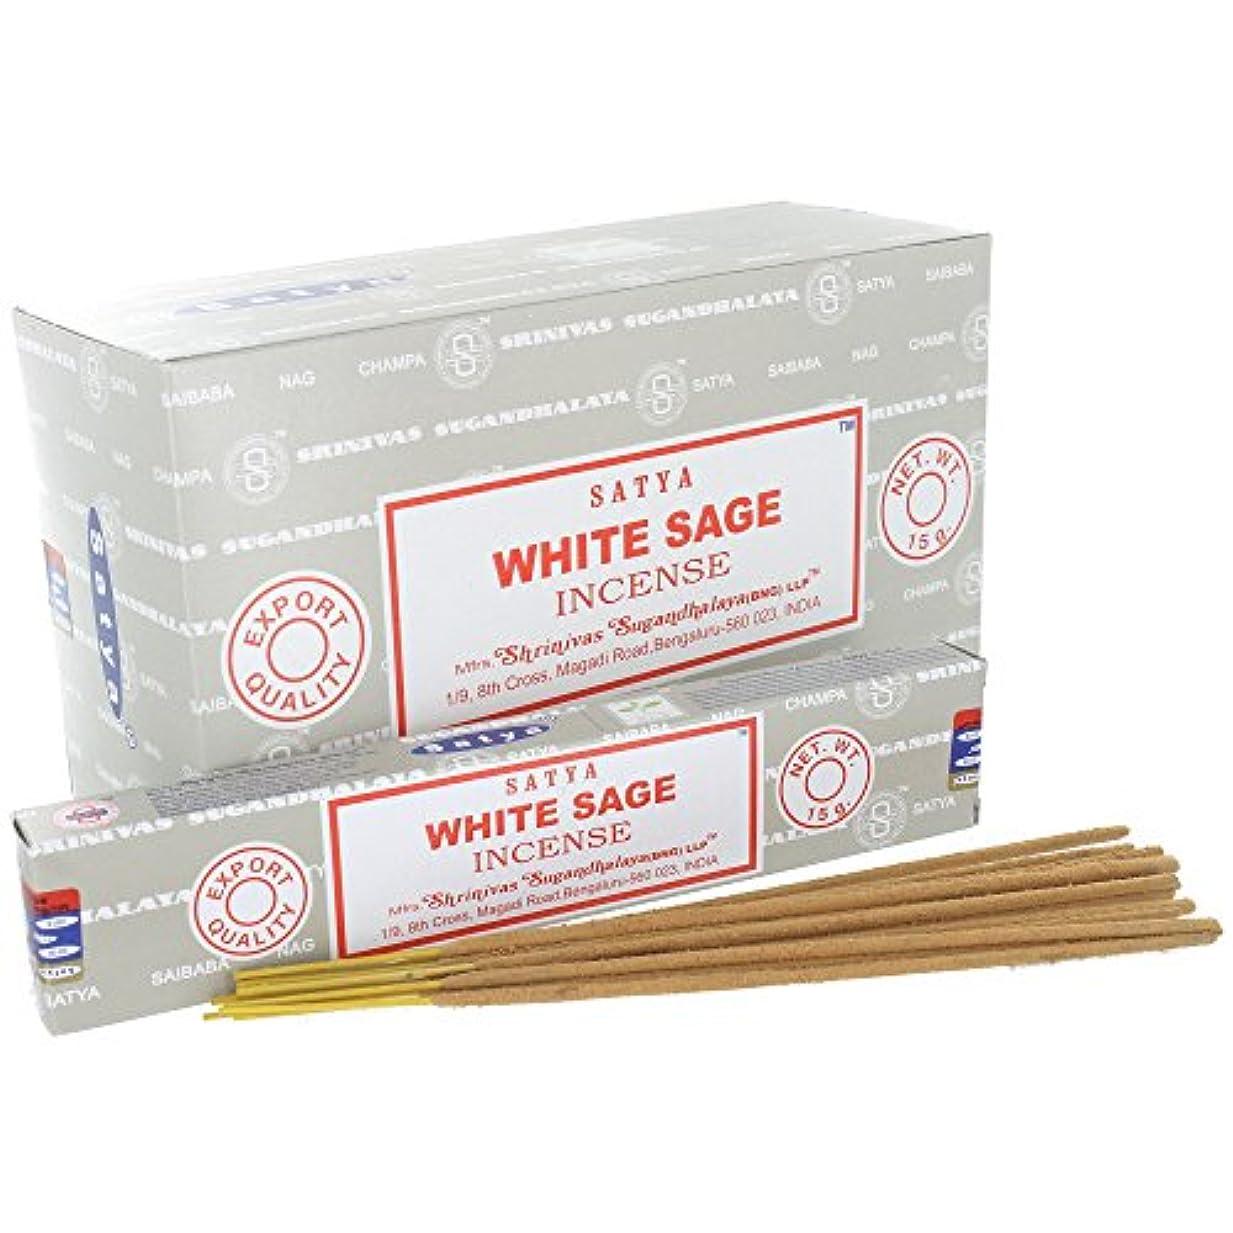 くしゃくしゃブレイズ無限Satya White Sage Incense Sticks (Box) 15g X 12 = 180g